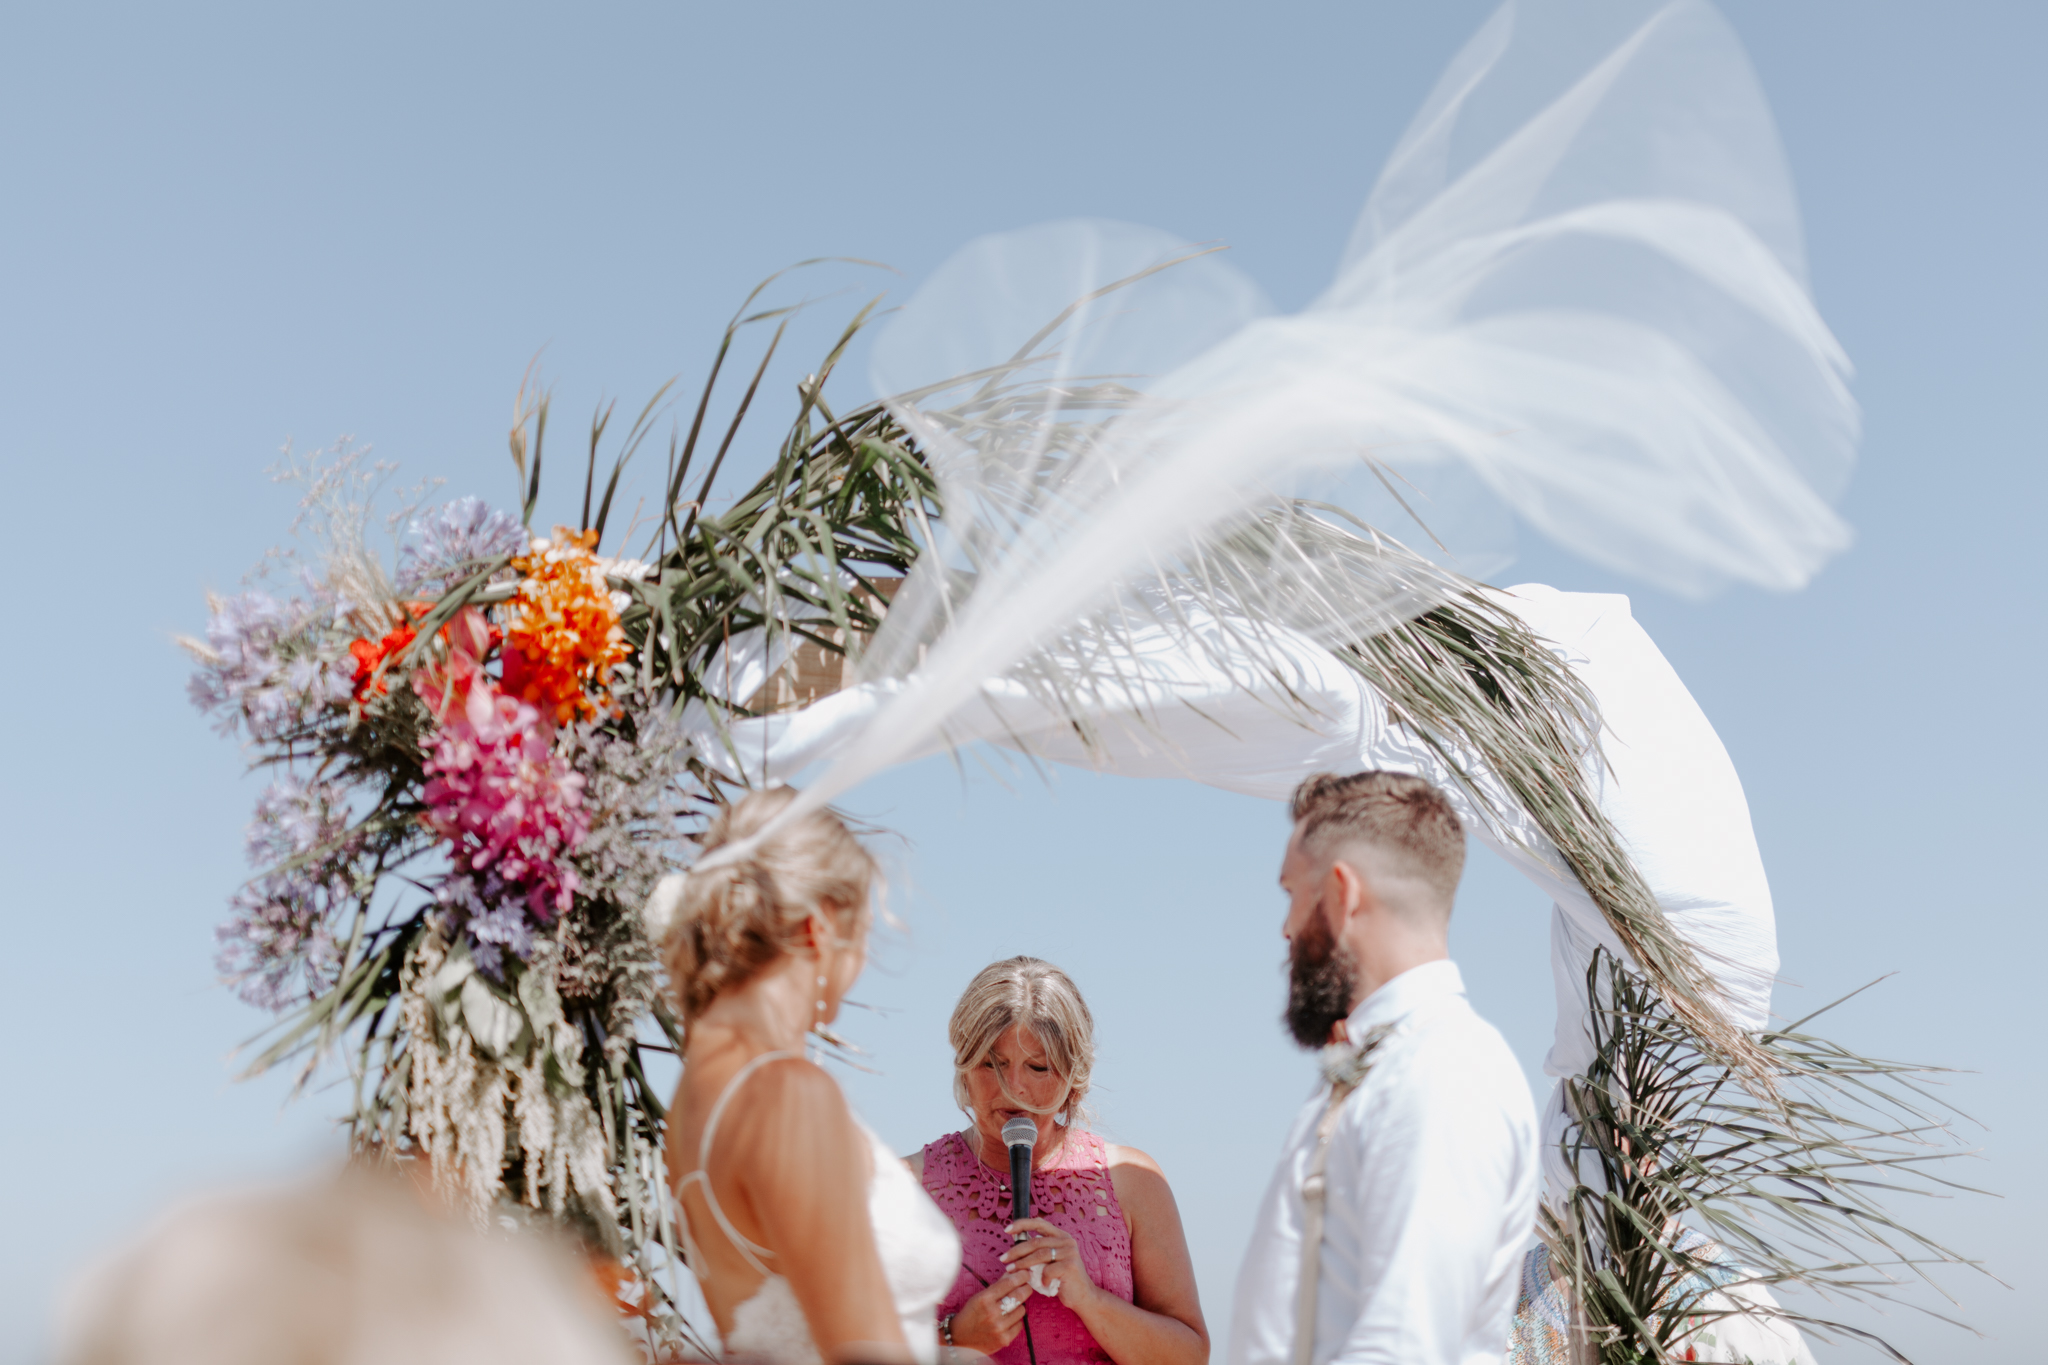 Barwon-heads-Geelong-Wedding-Emotionsandmath-045.jpg